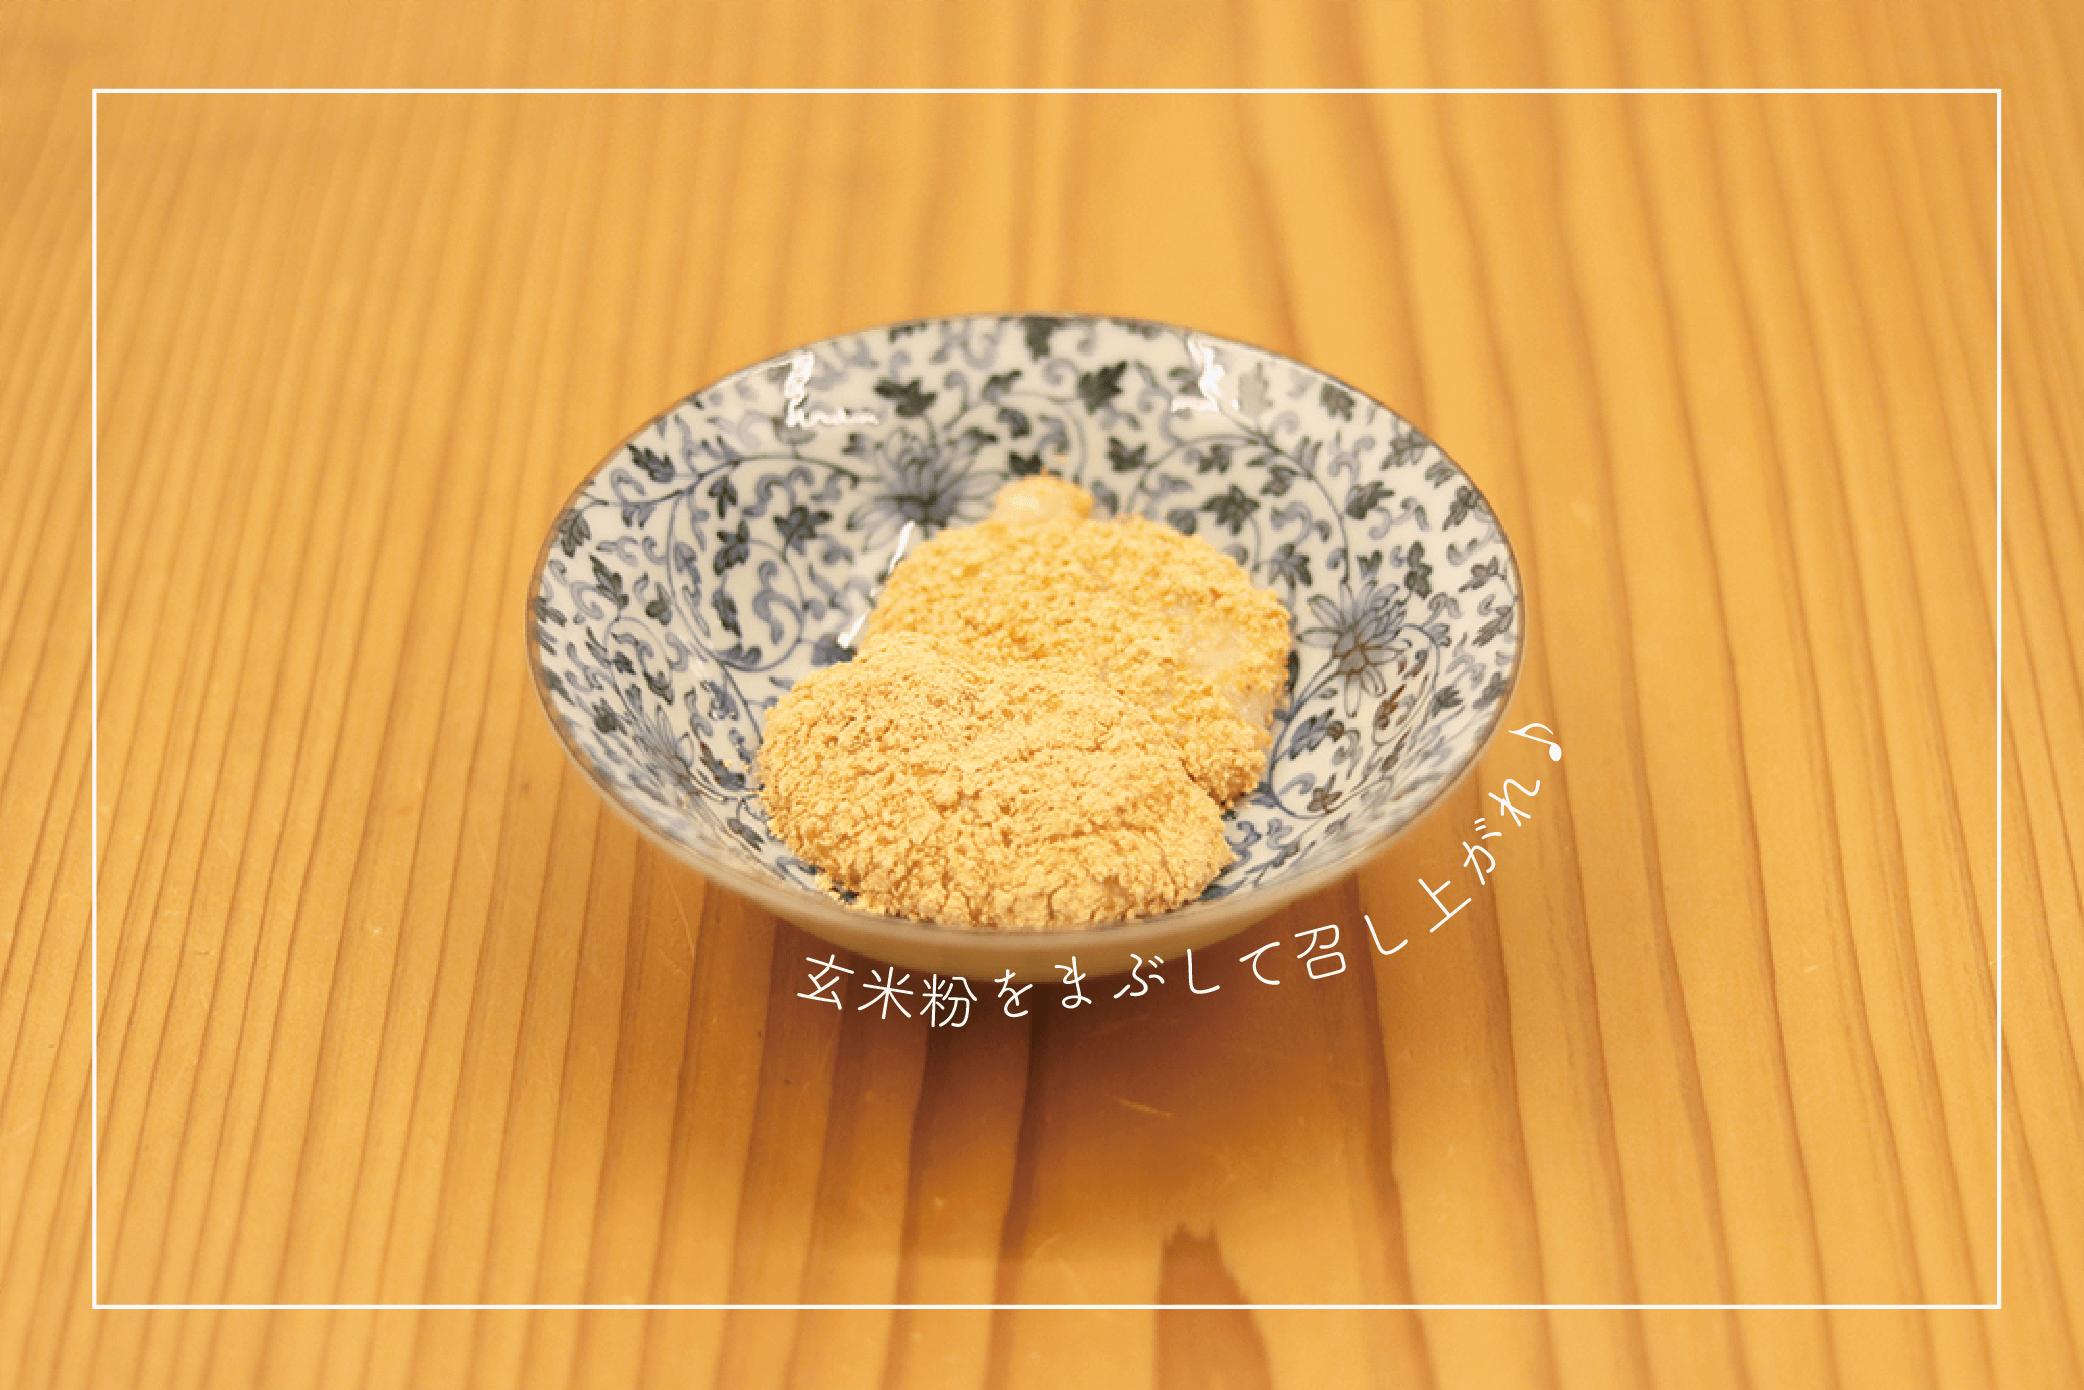 玄米粉がまぶされた玄米餅